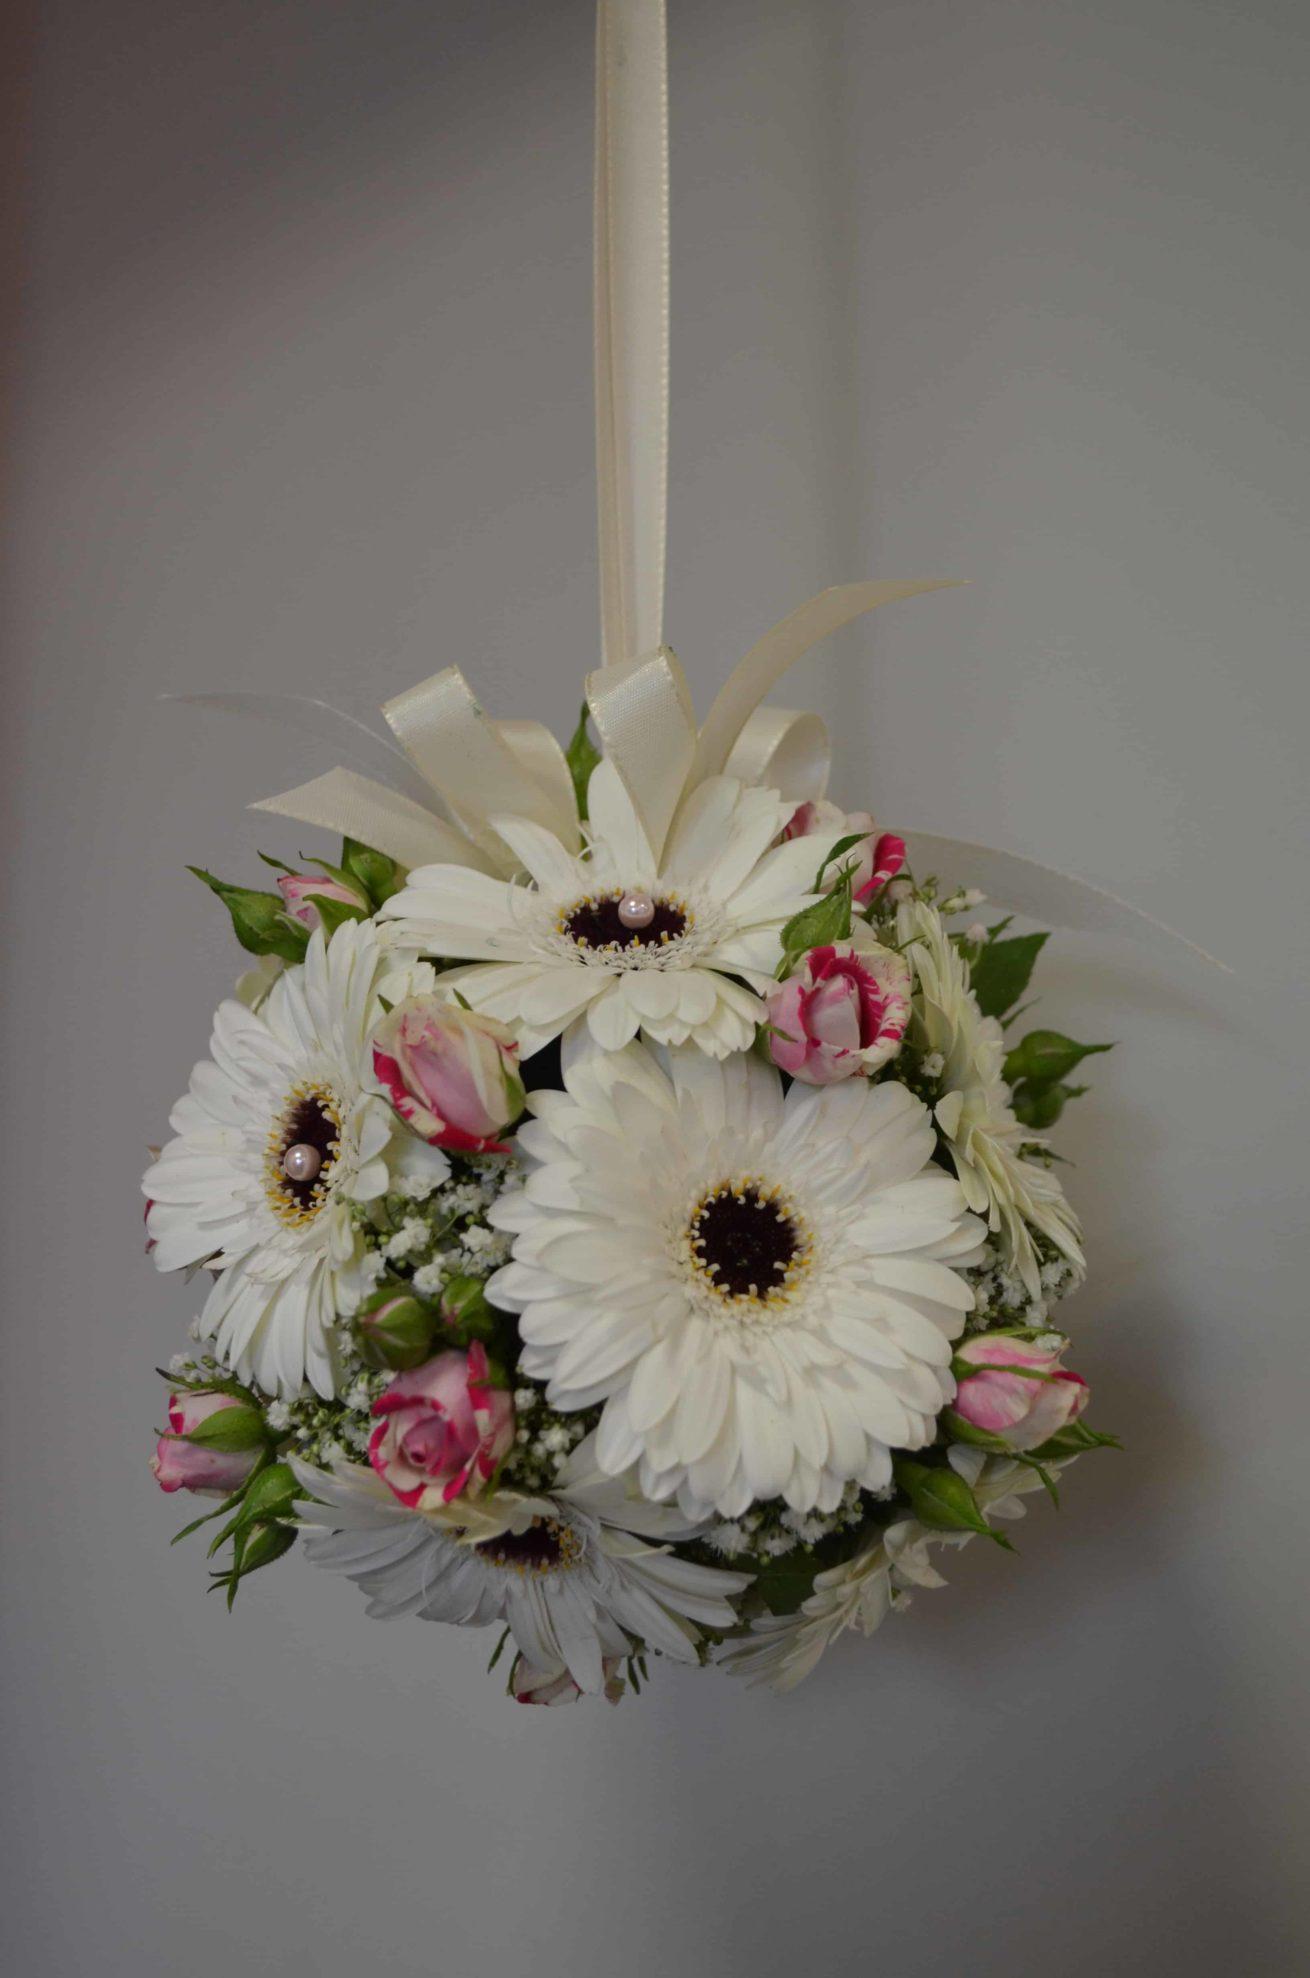 Fleuriste mariage Bordeaux Bouquet de mariée suspendu mignardises gypsophile et germinis Réalisation Carré Roses Artisan Fleuriste Bordeaux Bègles Floirac